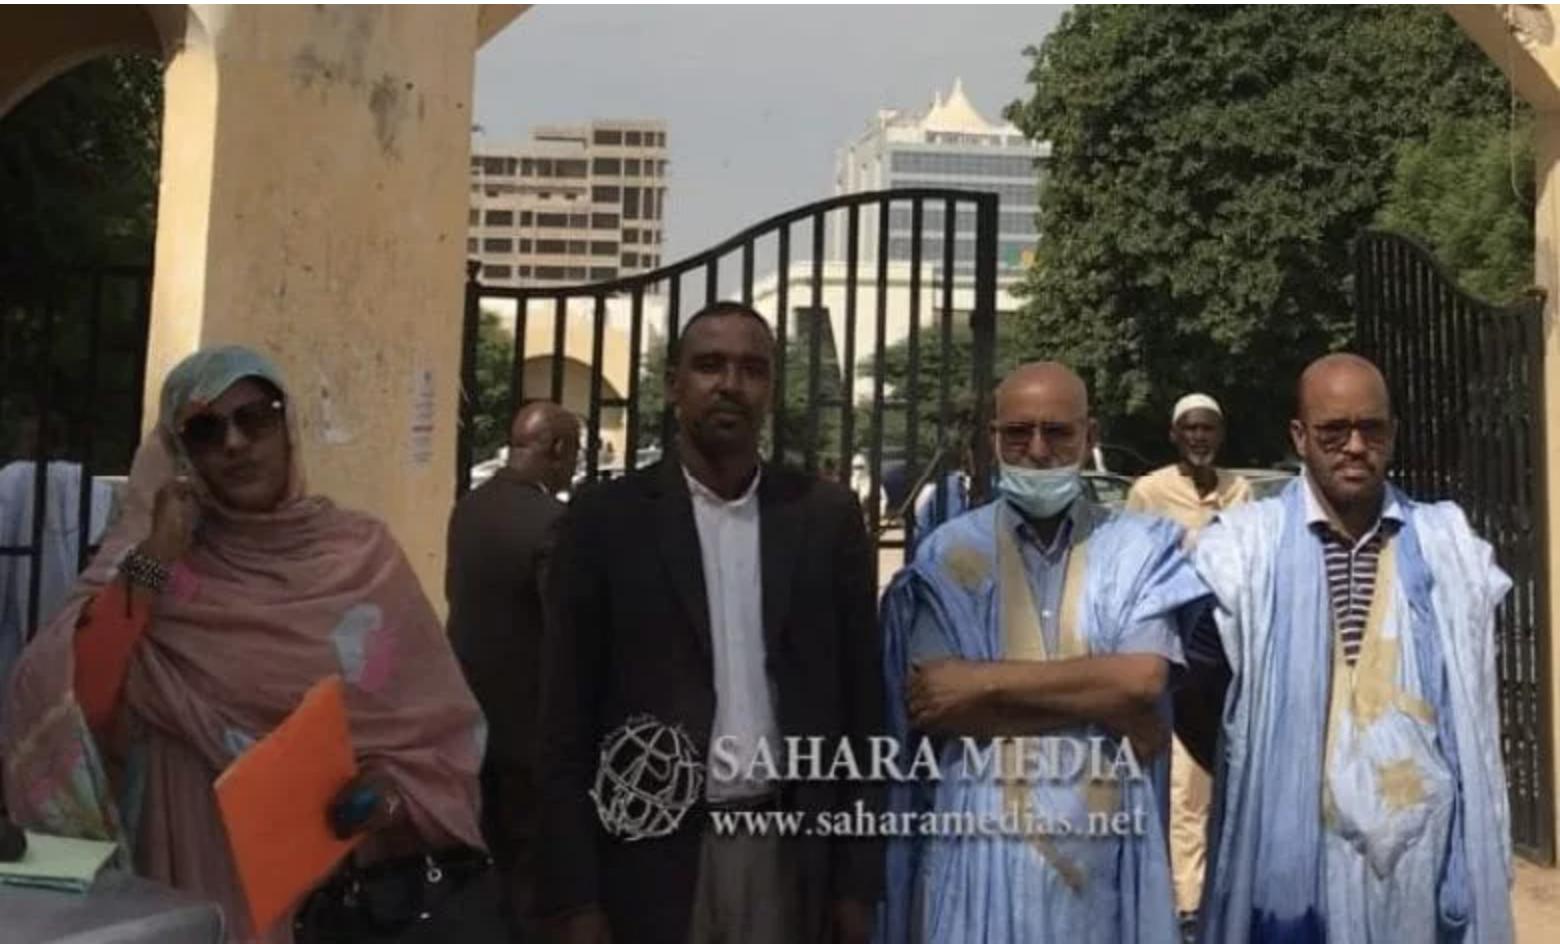 Mauritanie : les enseignants en colère à la veille de la nouvelle année scolaire